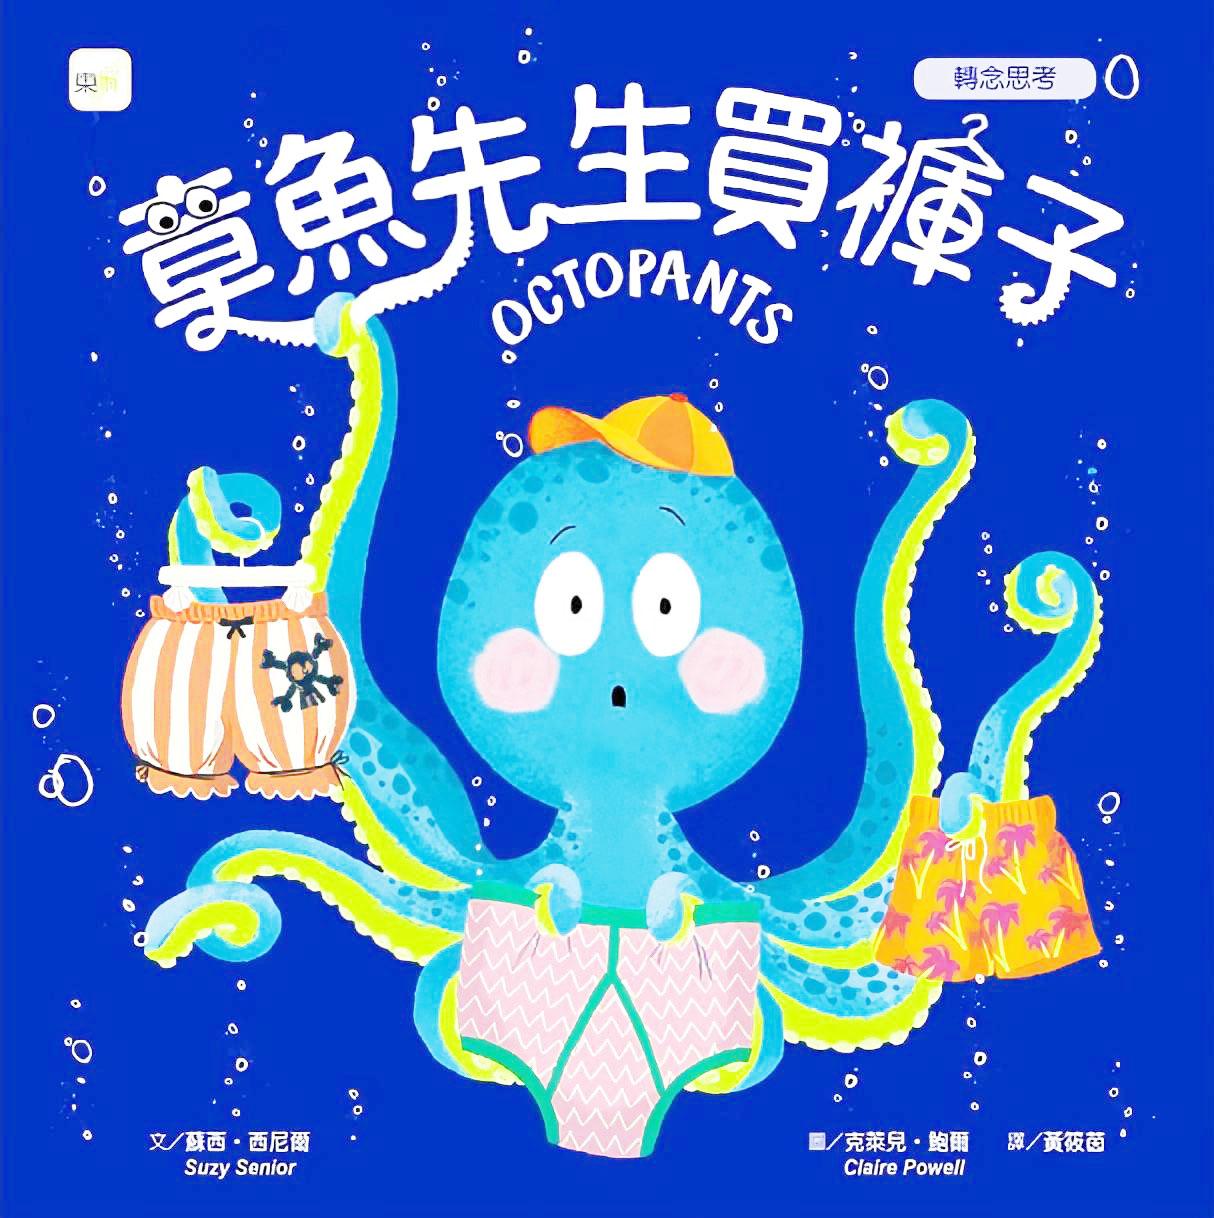 【 佳佳老師說故事 】EP64《 章魚先生買褲子 》|兒童故事繪本|幼兒睡前故事